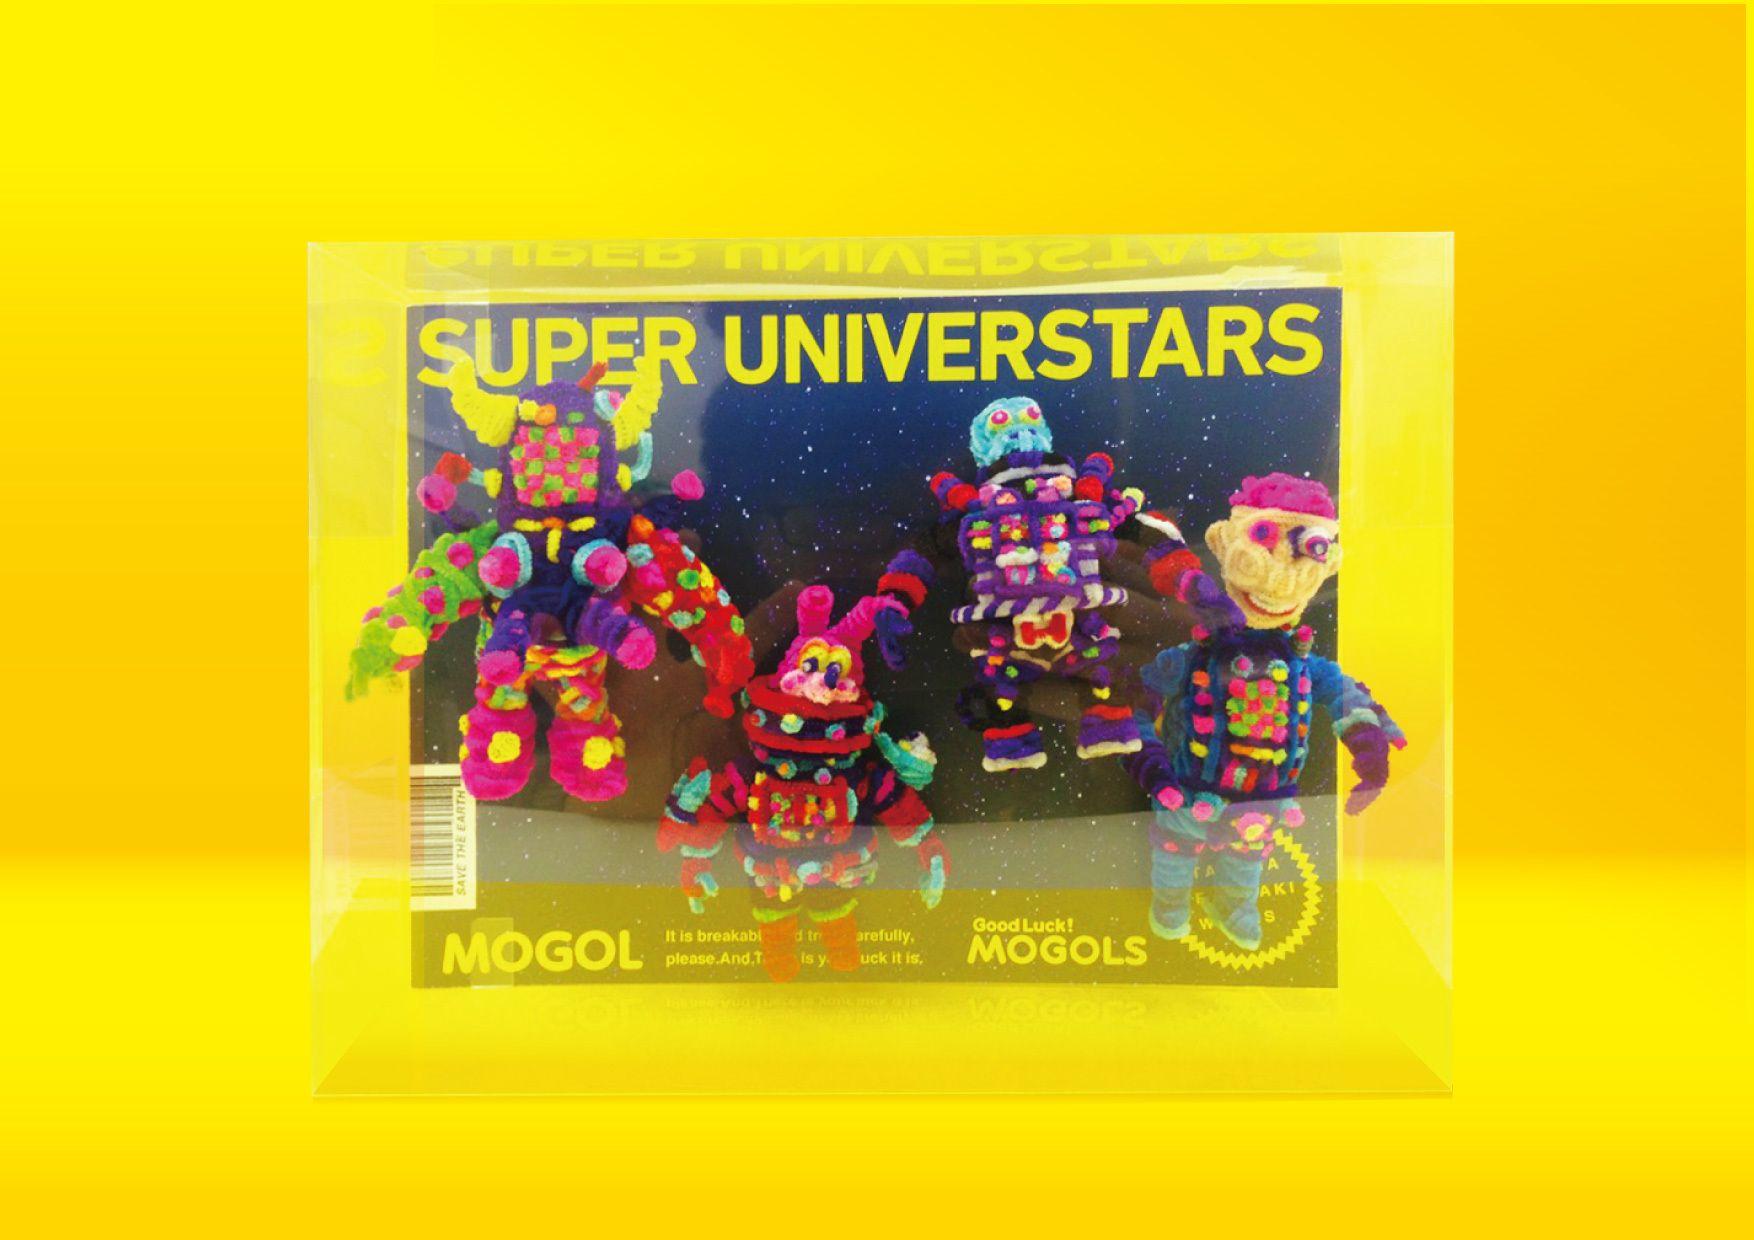 SUPER UNIVERSTARS  第二宇宙崩壊末期の最強キャラを集めたセット!! 左から MIX GALAXY 宇宙5参謀の合体した姿 USAGI UNIVERSE パワードスーツを装備したUSAGI 十三代目H.M.PHANTOM 宇宙の殺し屋 DEATH DOCTOR 様々な兵器を開発する闇の科学者